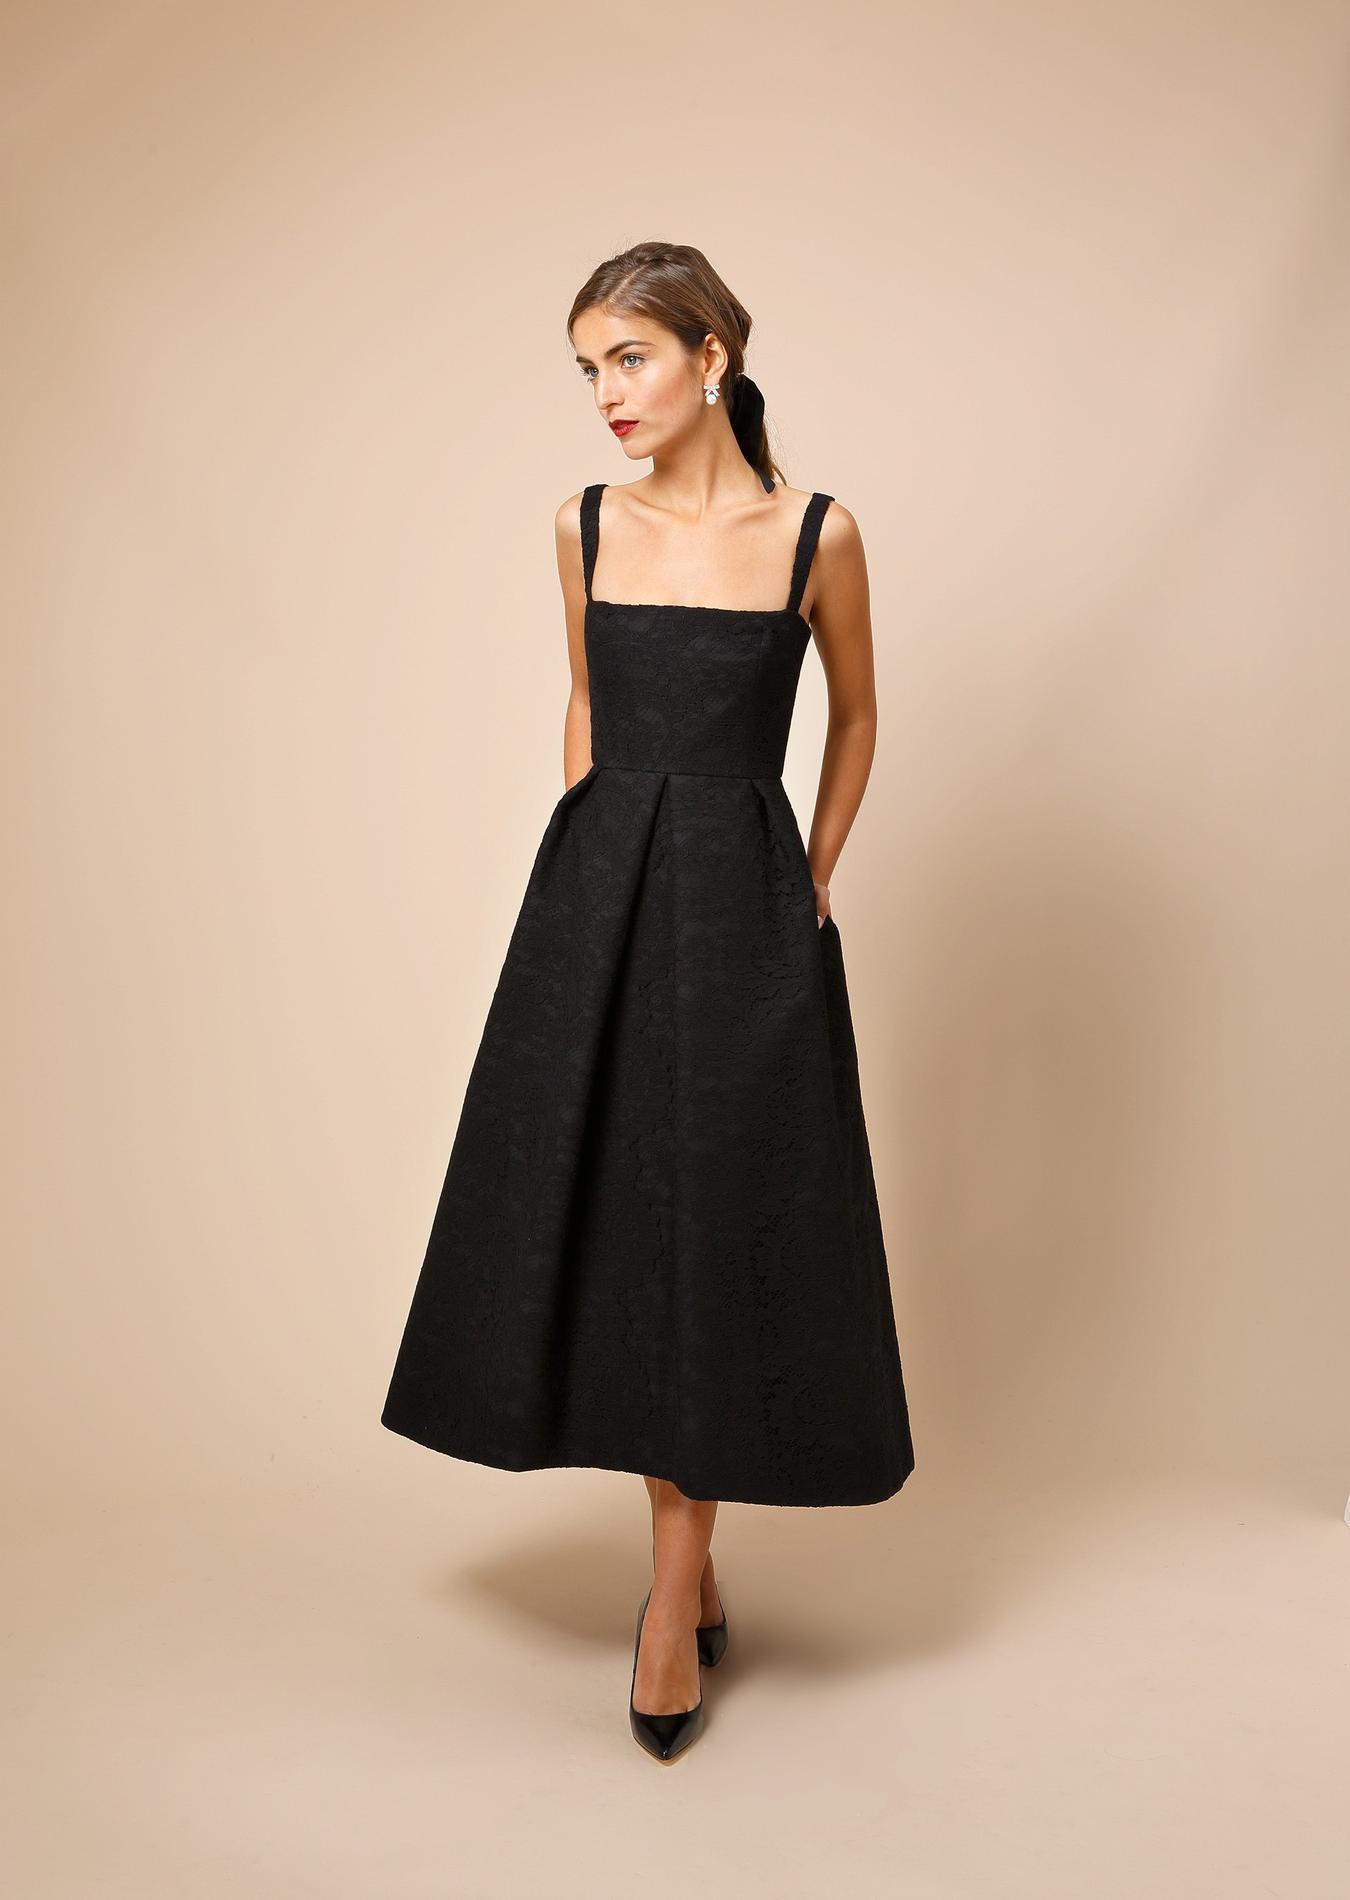 Vingt petites robes noires pas si simples pour des fêtes de